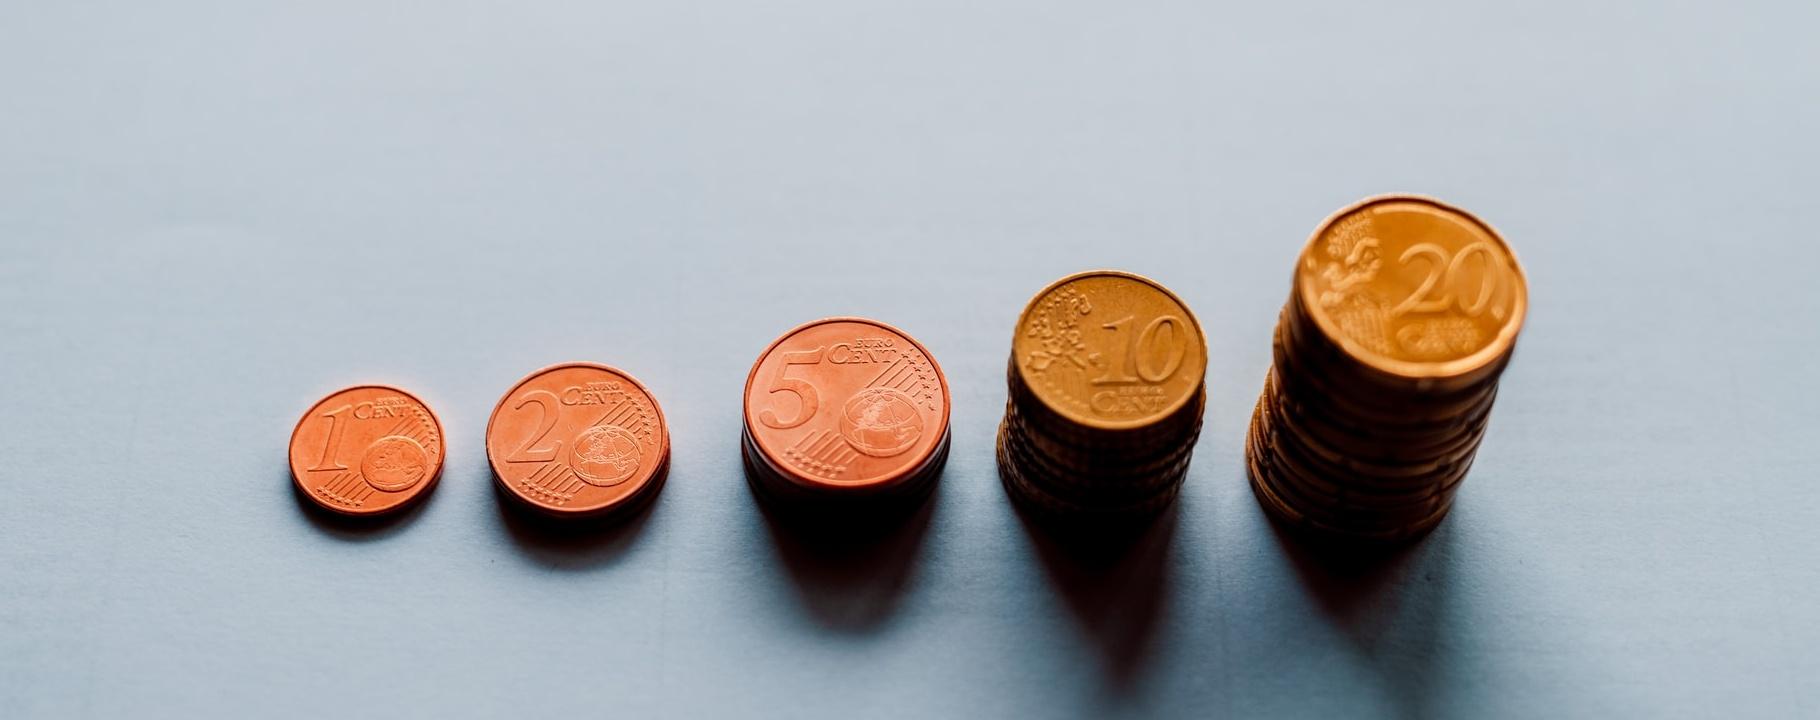 Hay euros cotizados y que todo coleccionista busca.